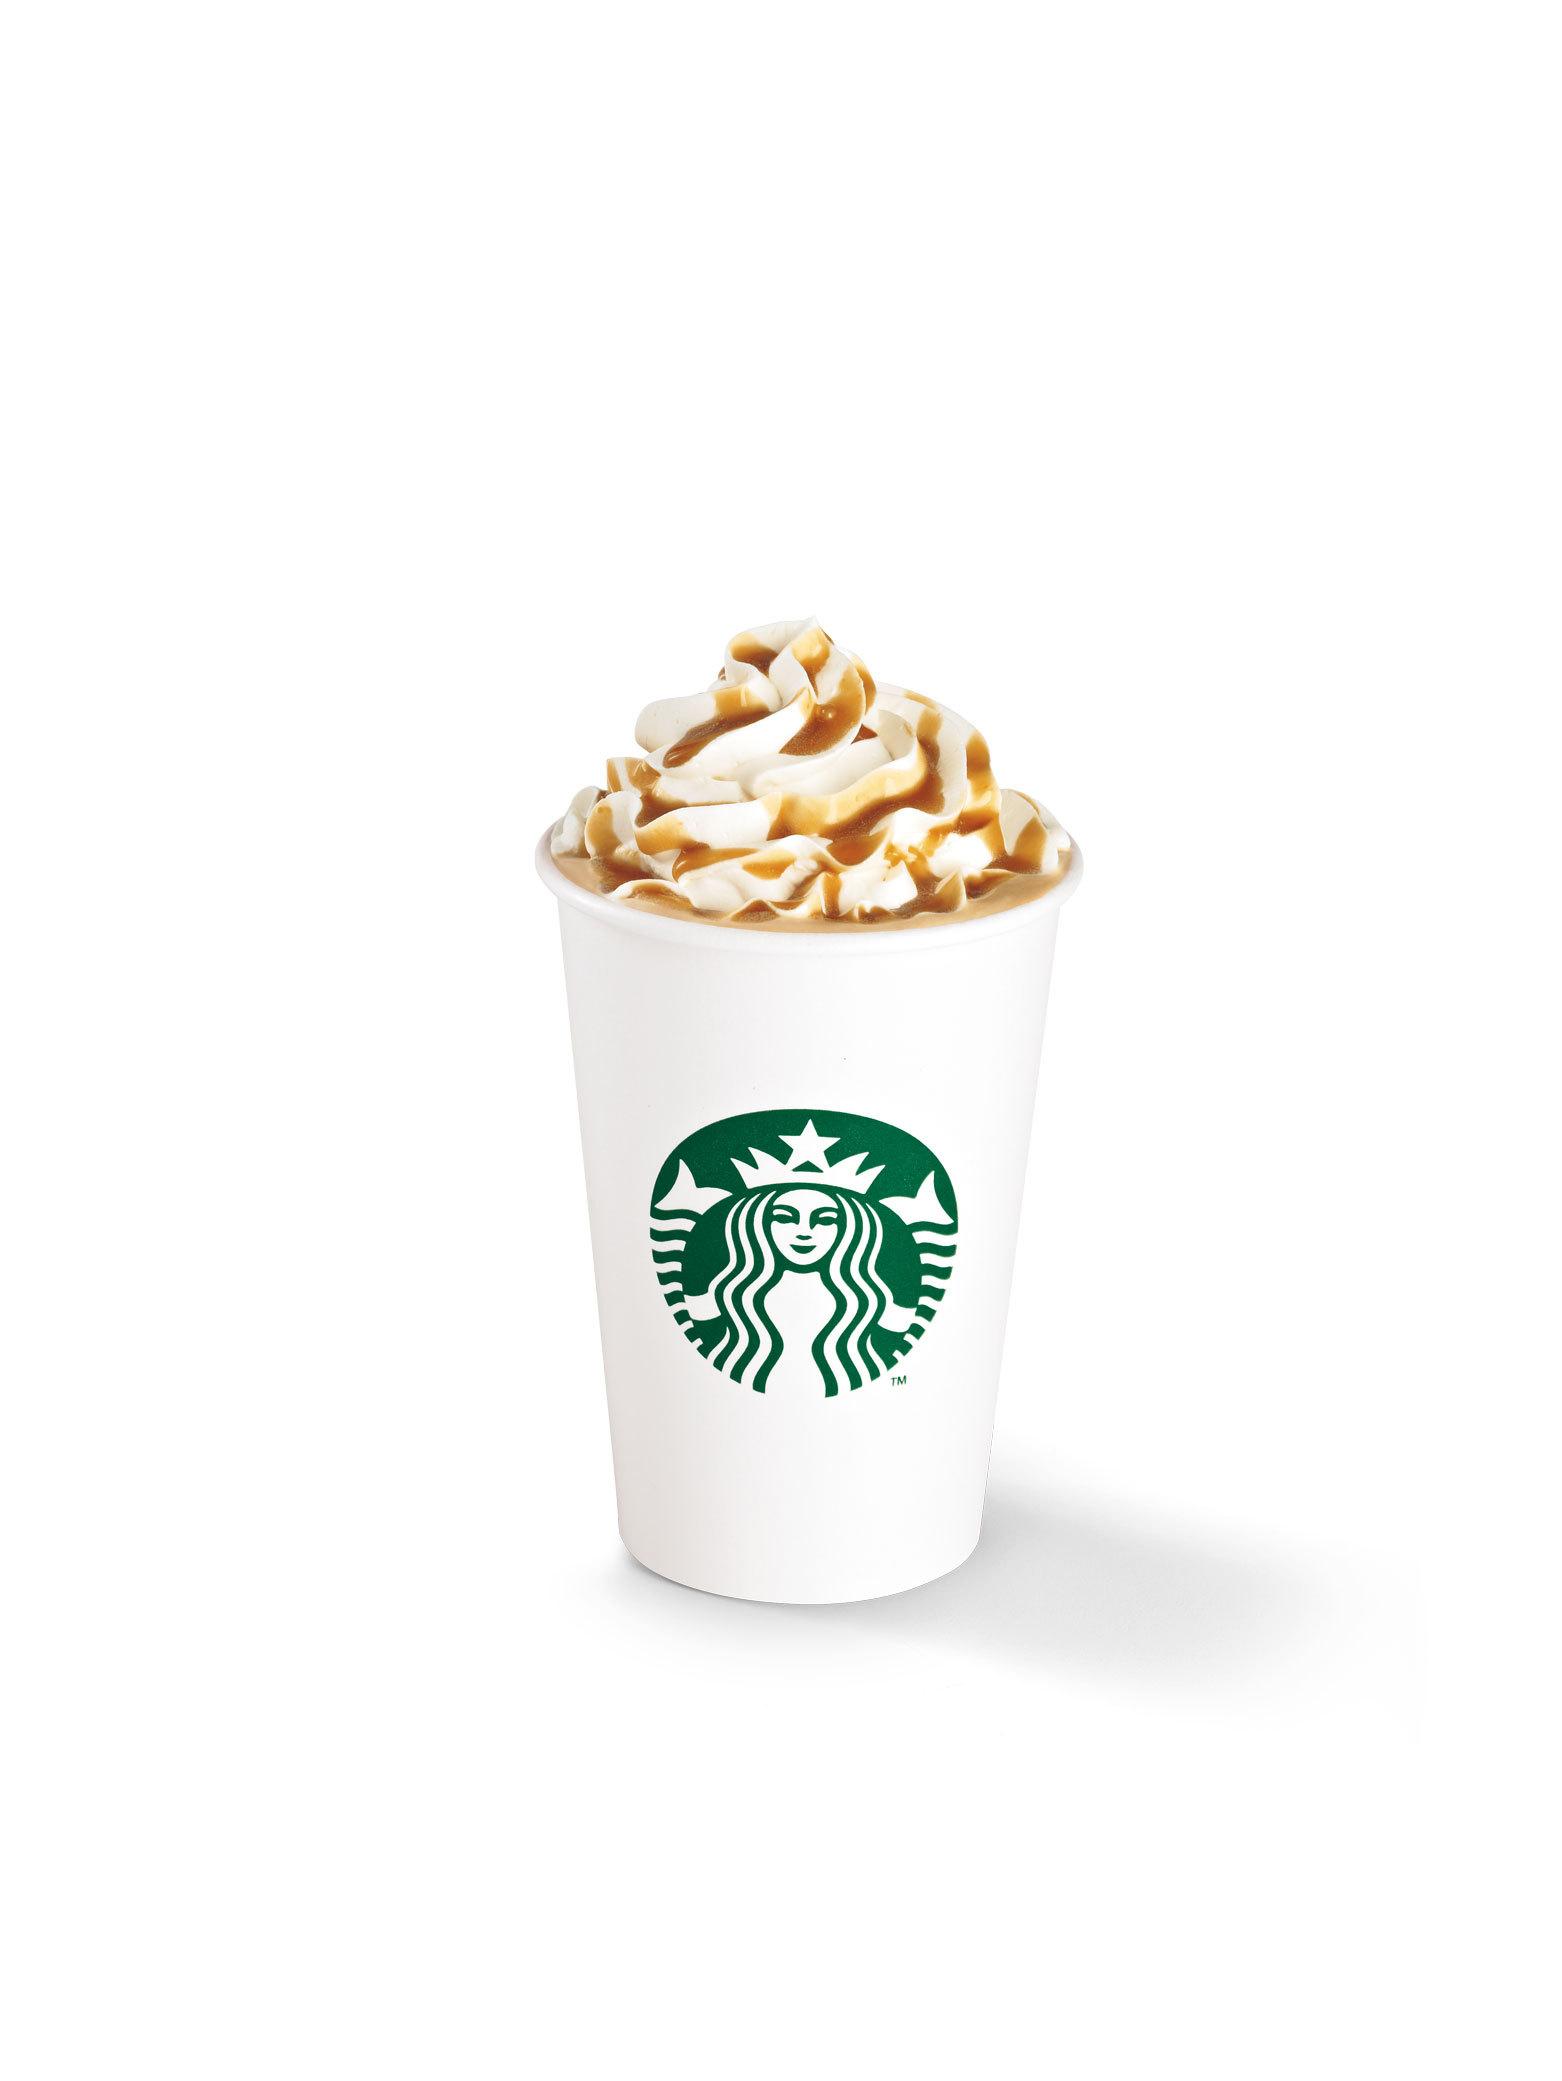 Starbucks_Caramel_Flan_Latte.jpg